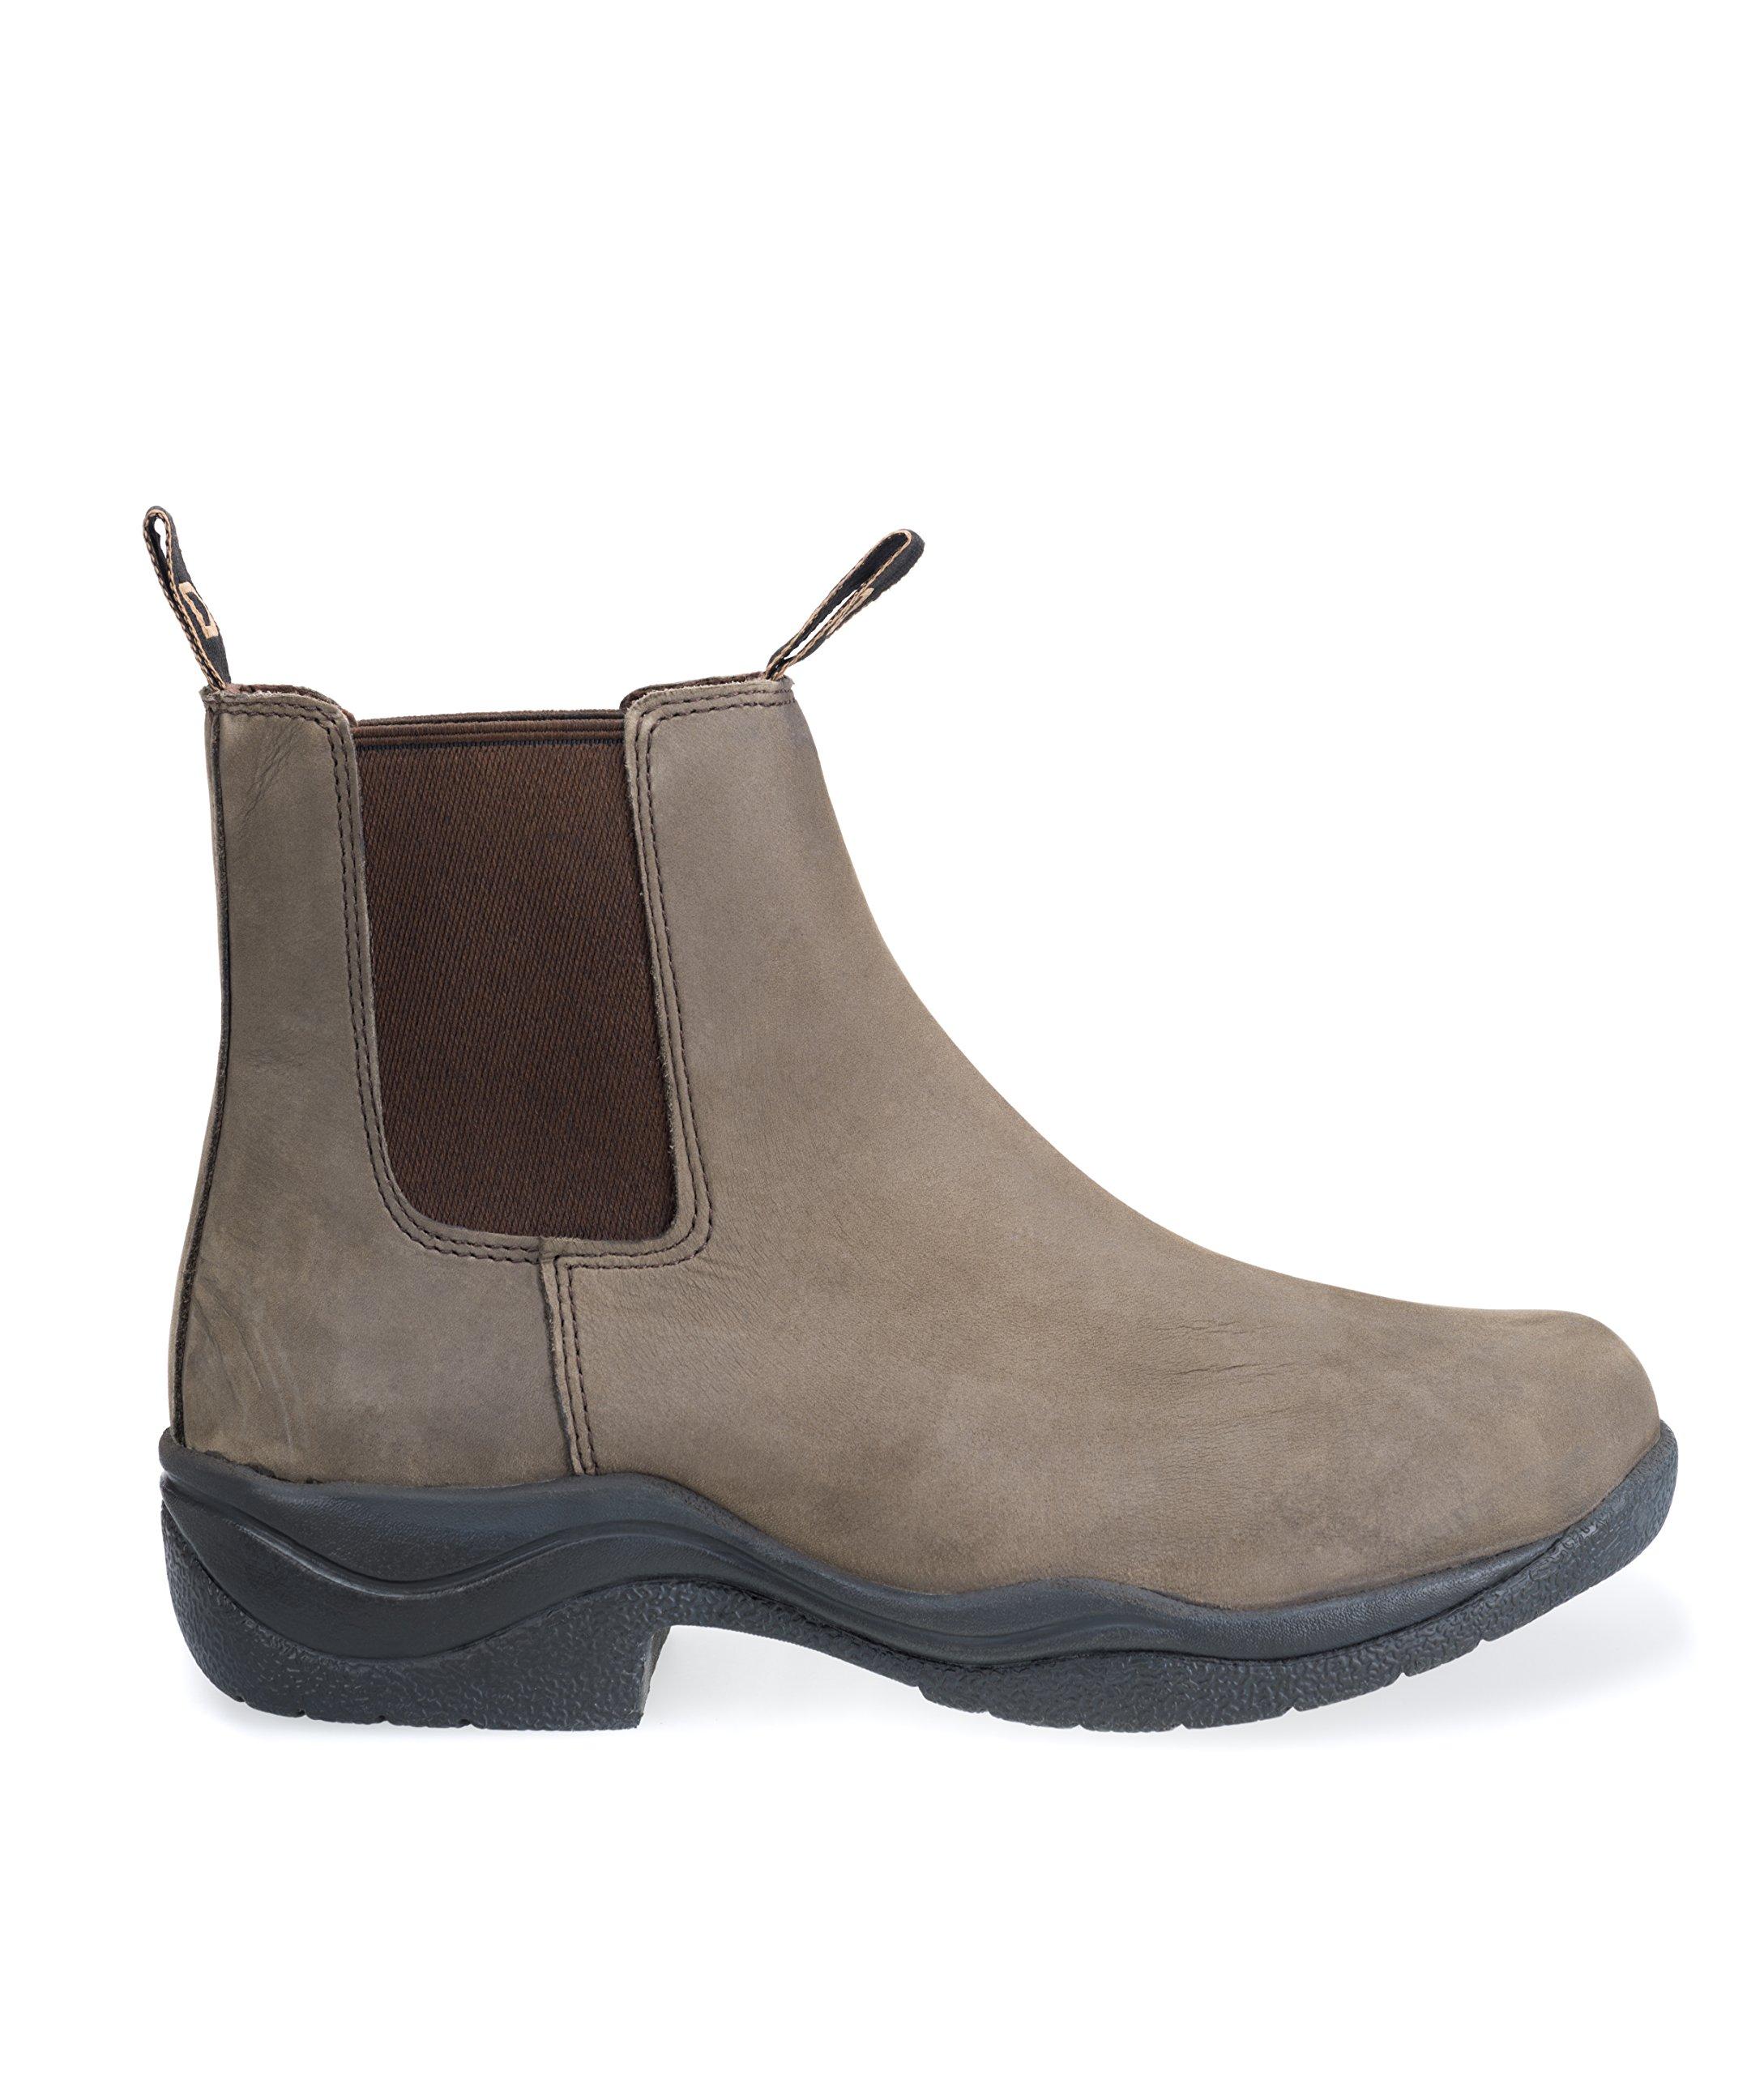 Dublin Venturer Boots II Brown Ladies 10